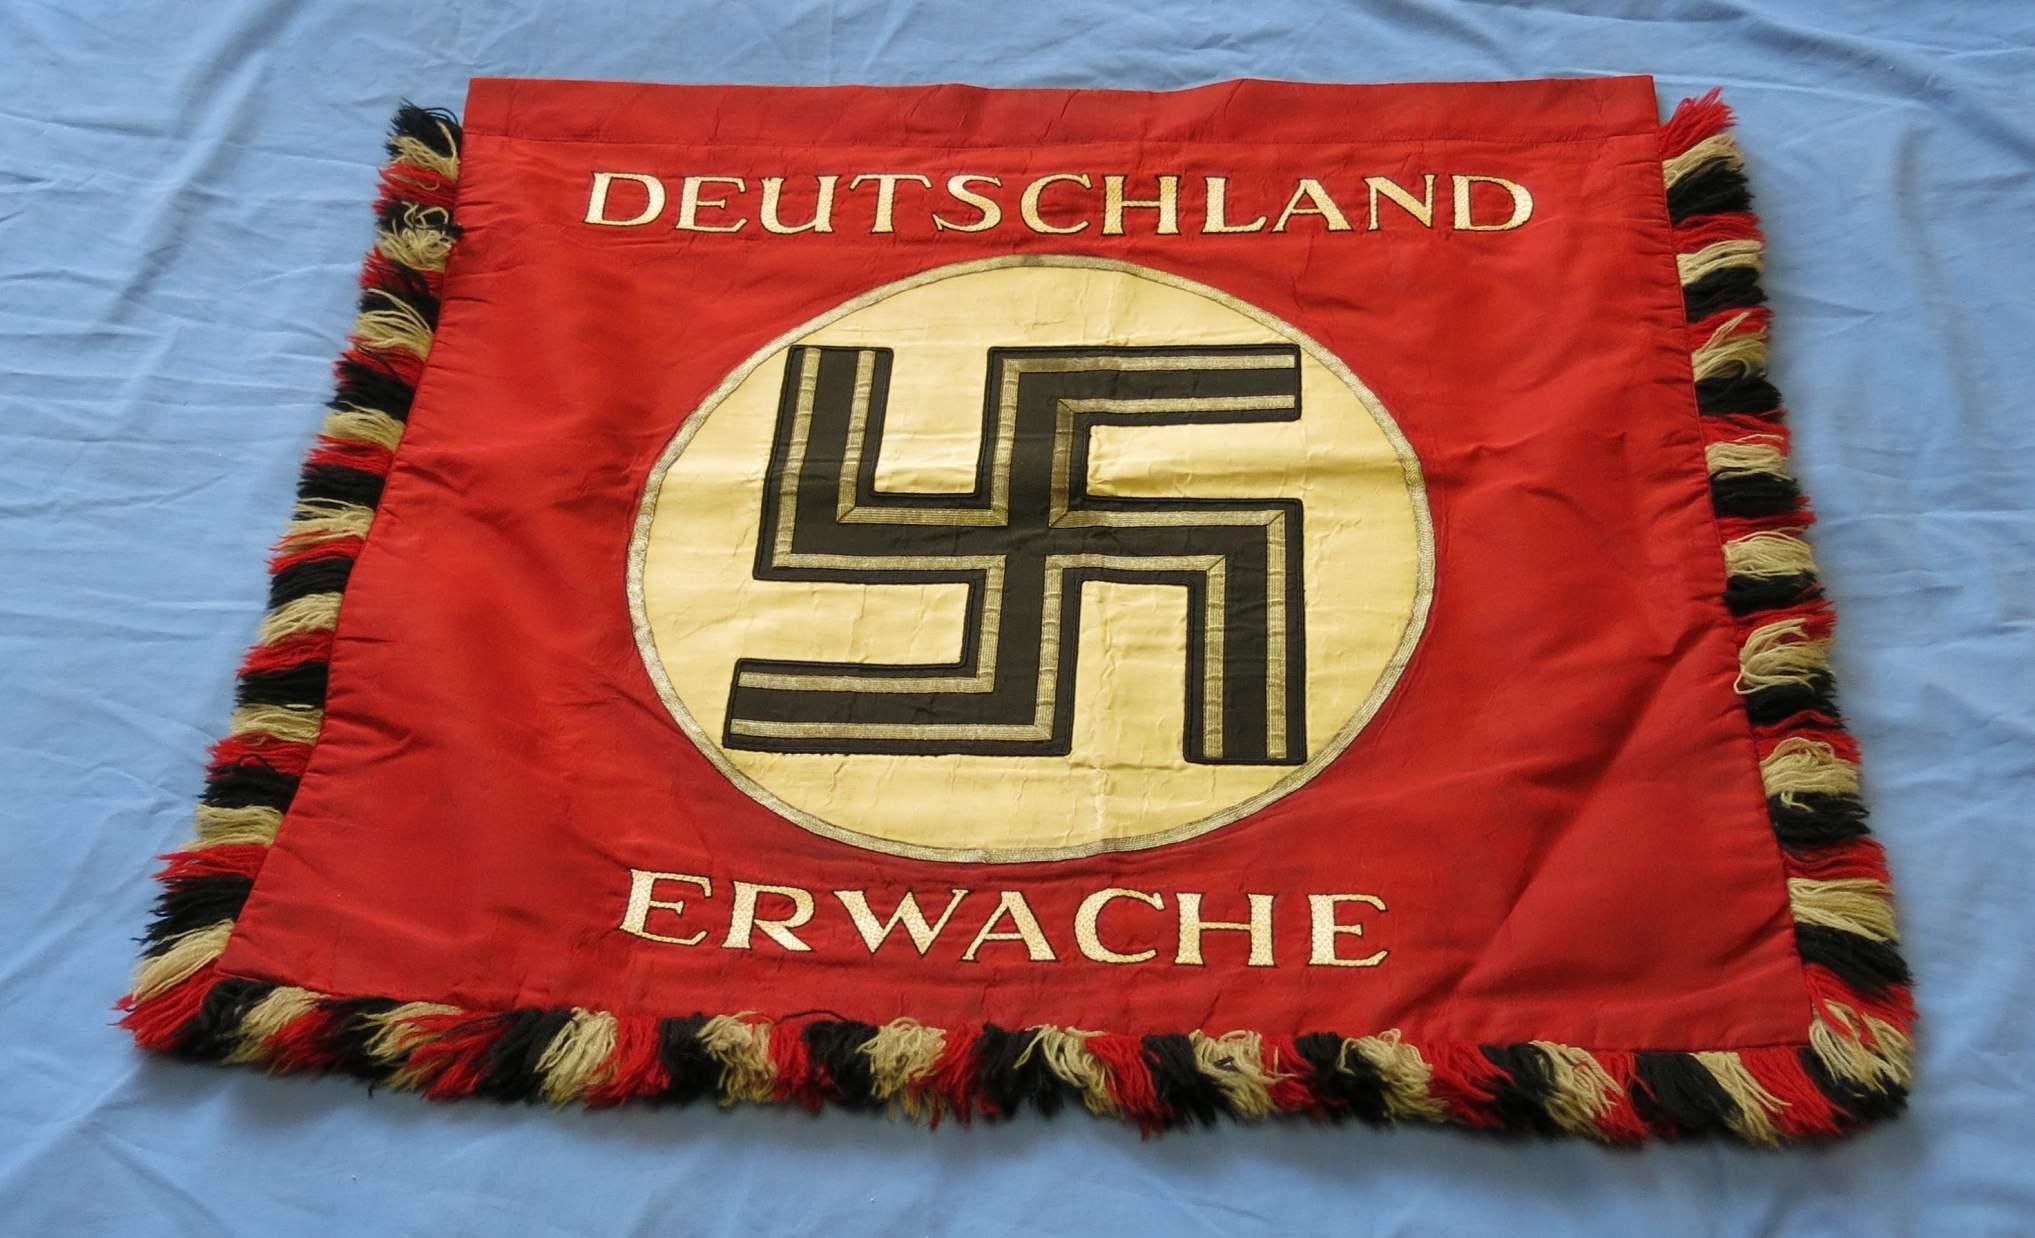 Deutschland Erwache